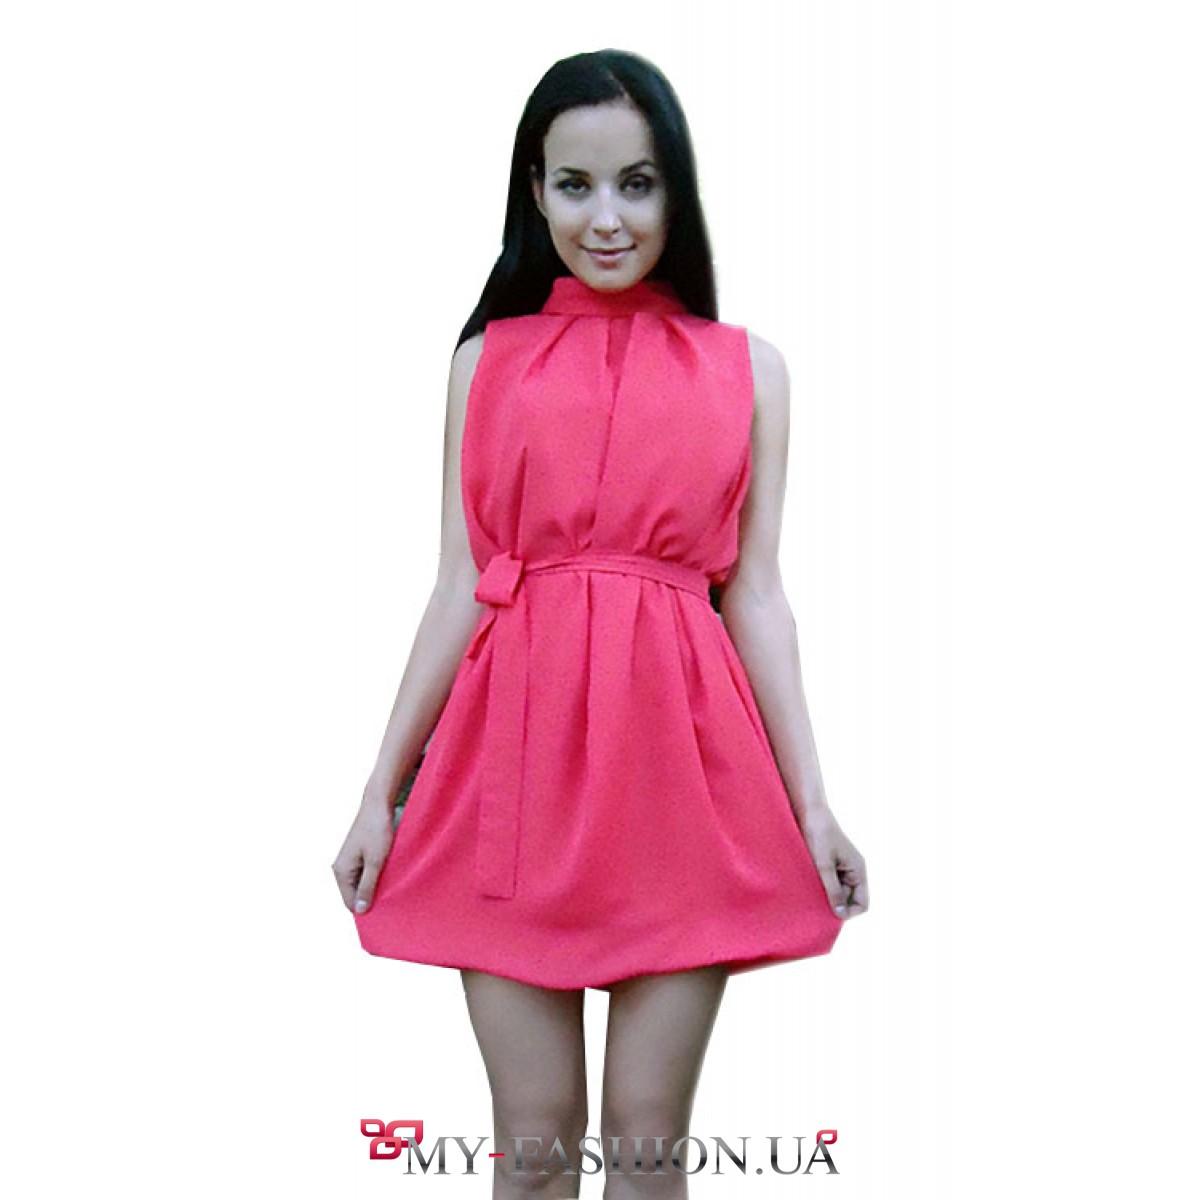 Красивое платье кораллового цвета